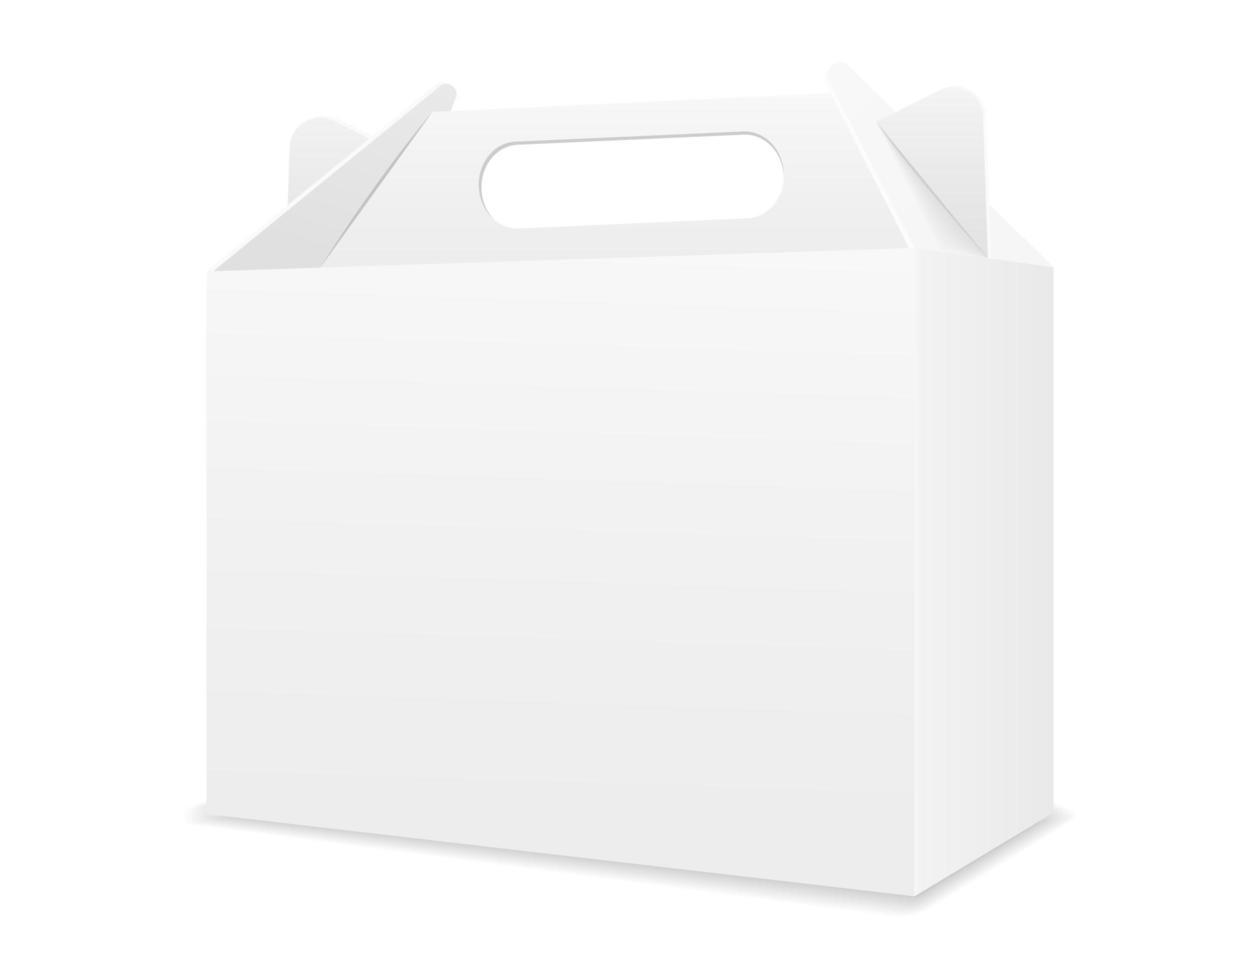 caja de cartón vacía embalaje plantilla en blanco vector